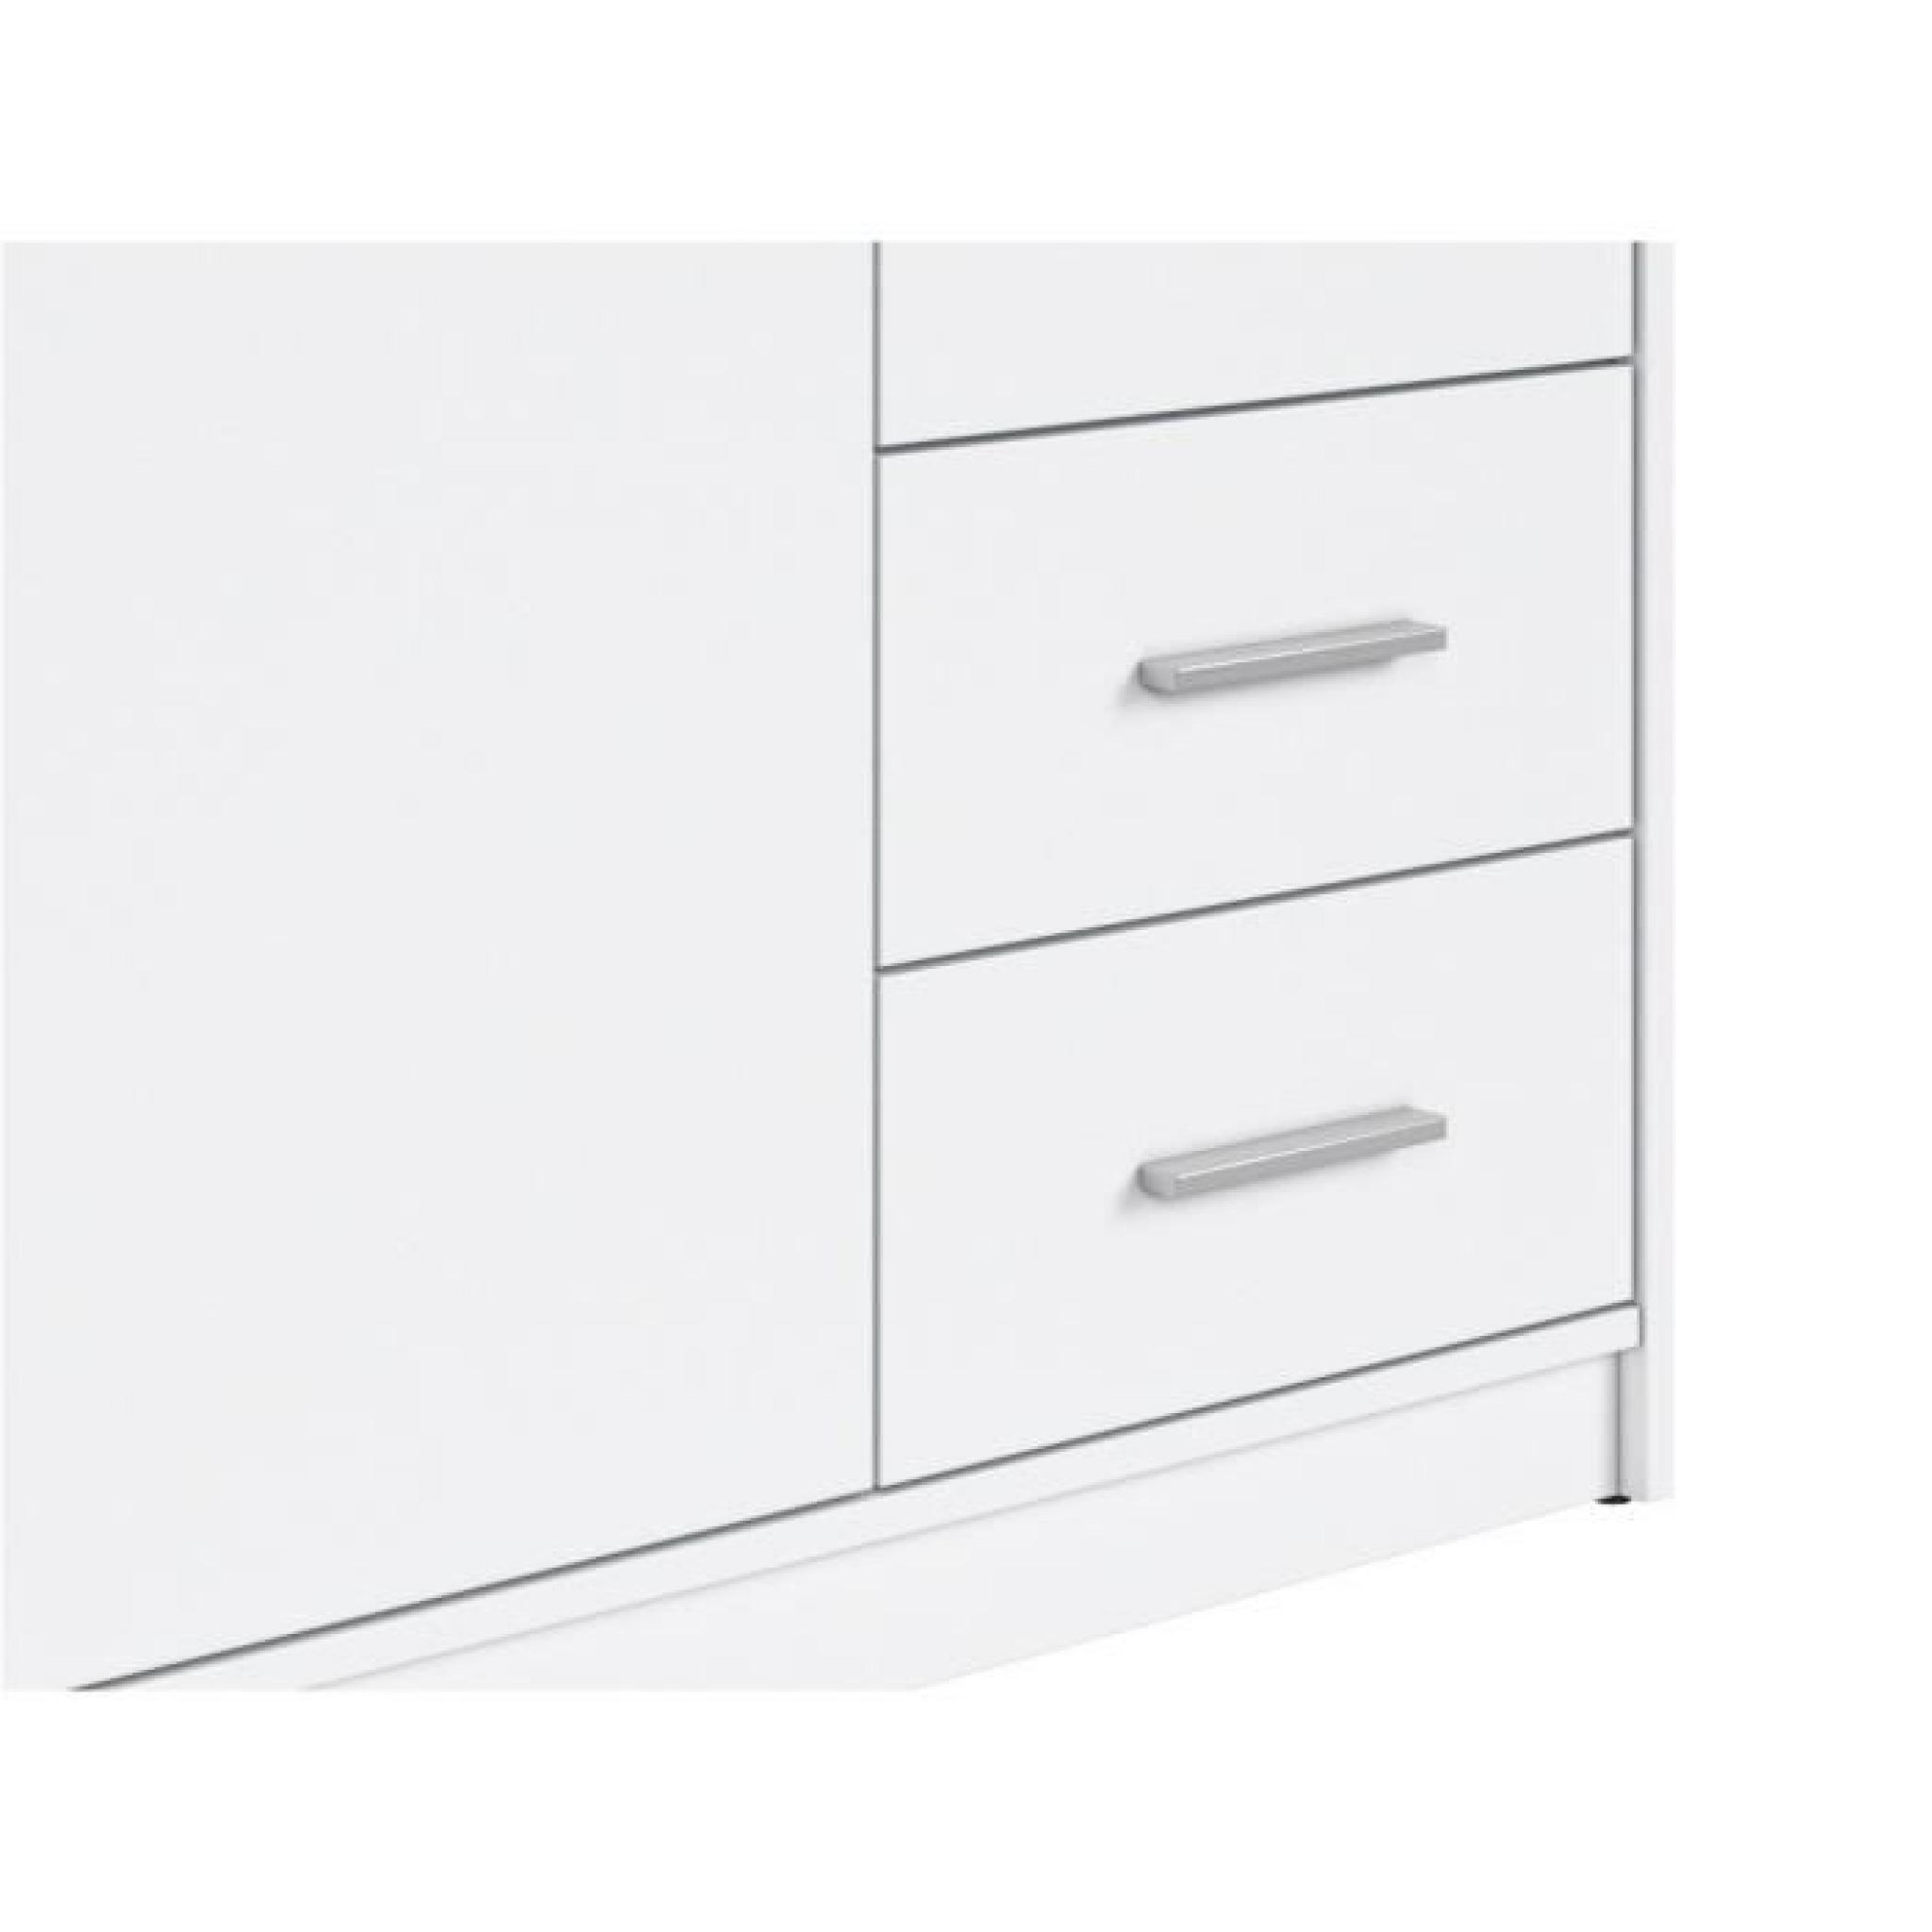 nepo armoire 3 portes 2 tiroirs blanche achat vente armoire de chambre pas cher couleur et. Black Bedroom Furniture Sets. Home Design Ideas